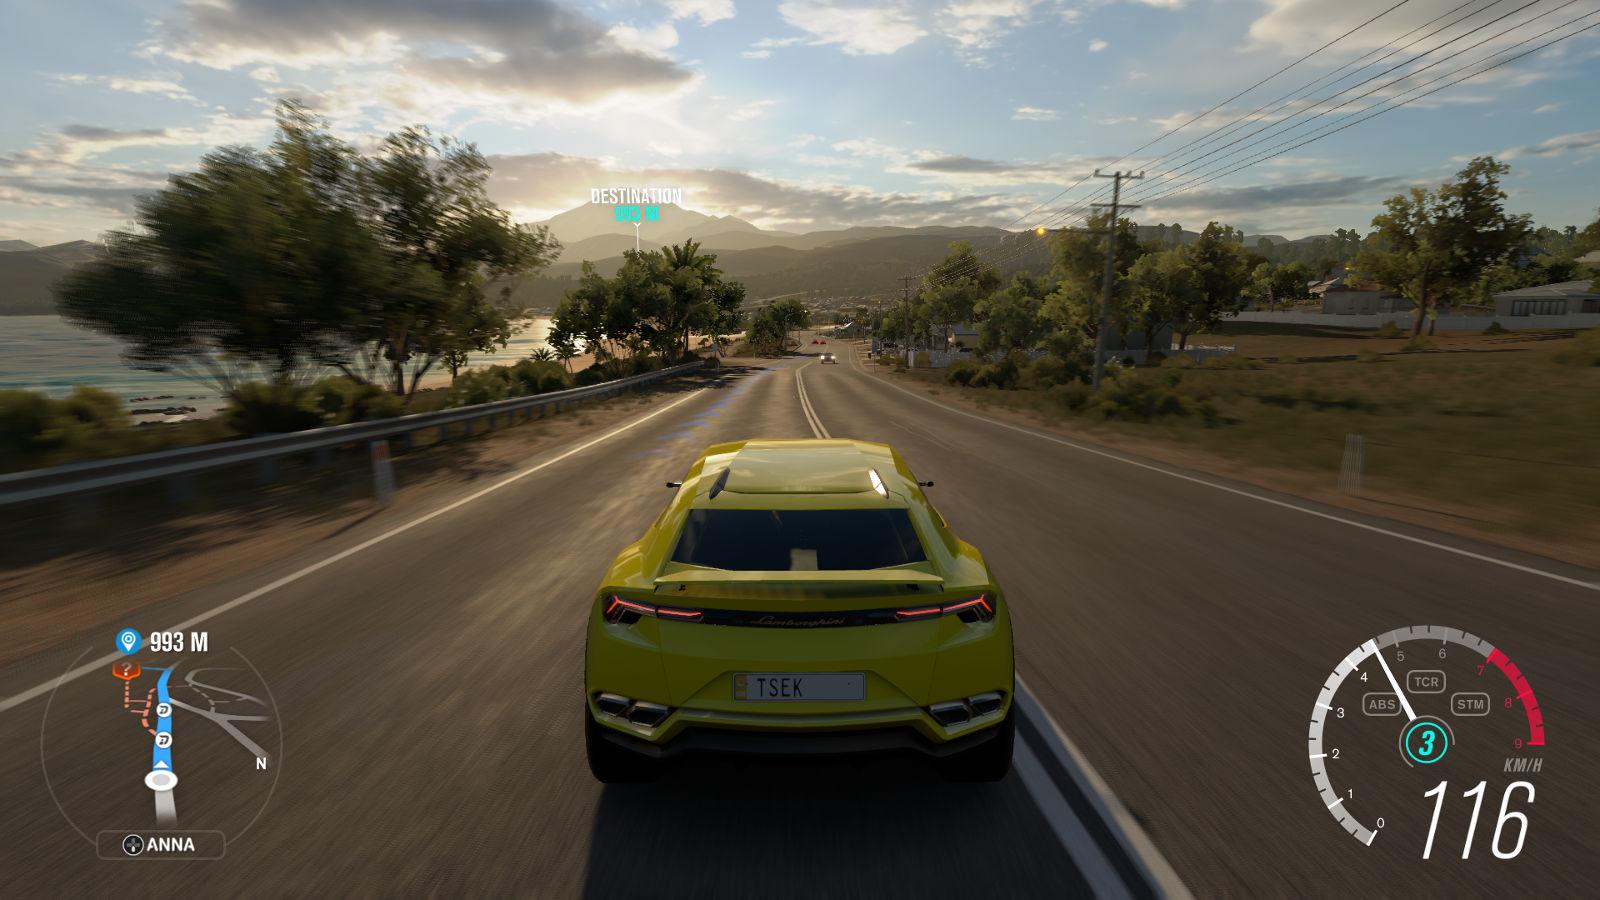 Forza Horizon 3 review: a tour de Forza? - Gearburn